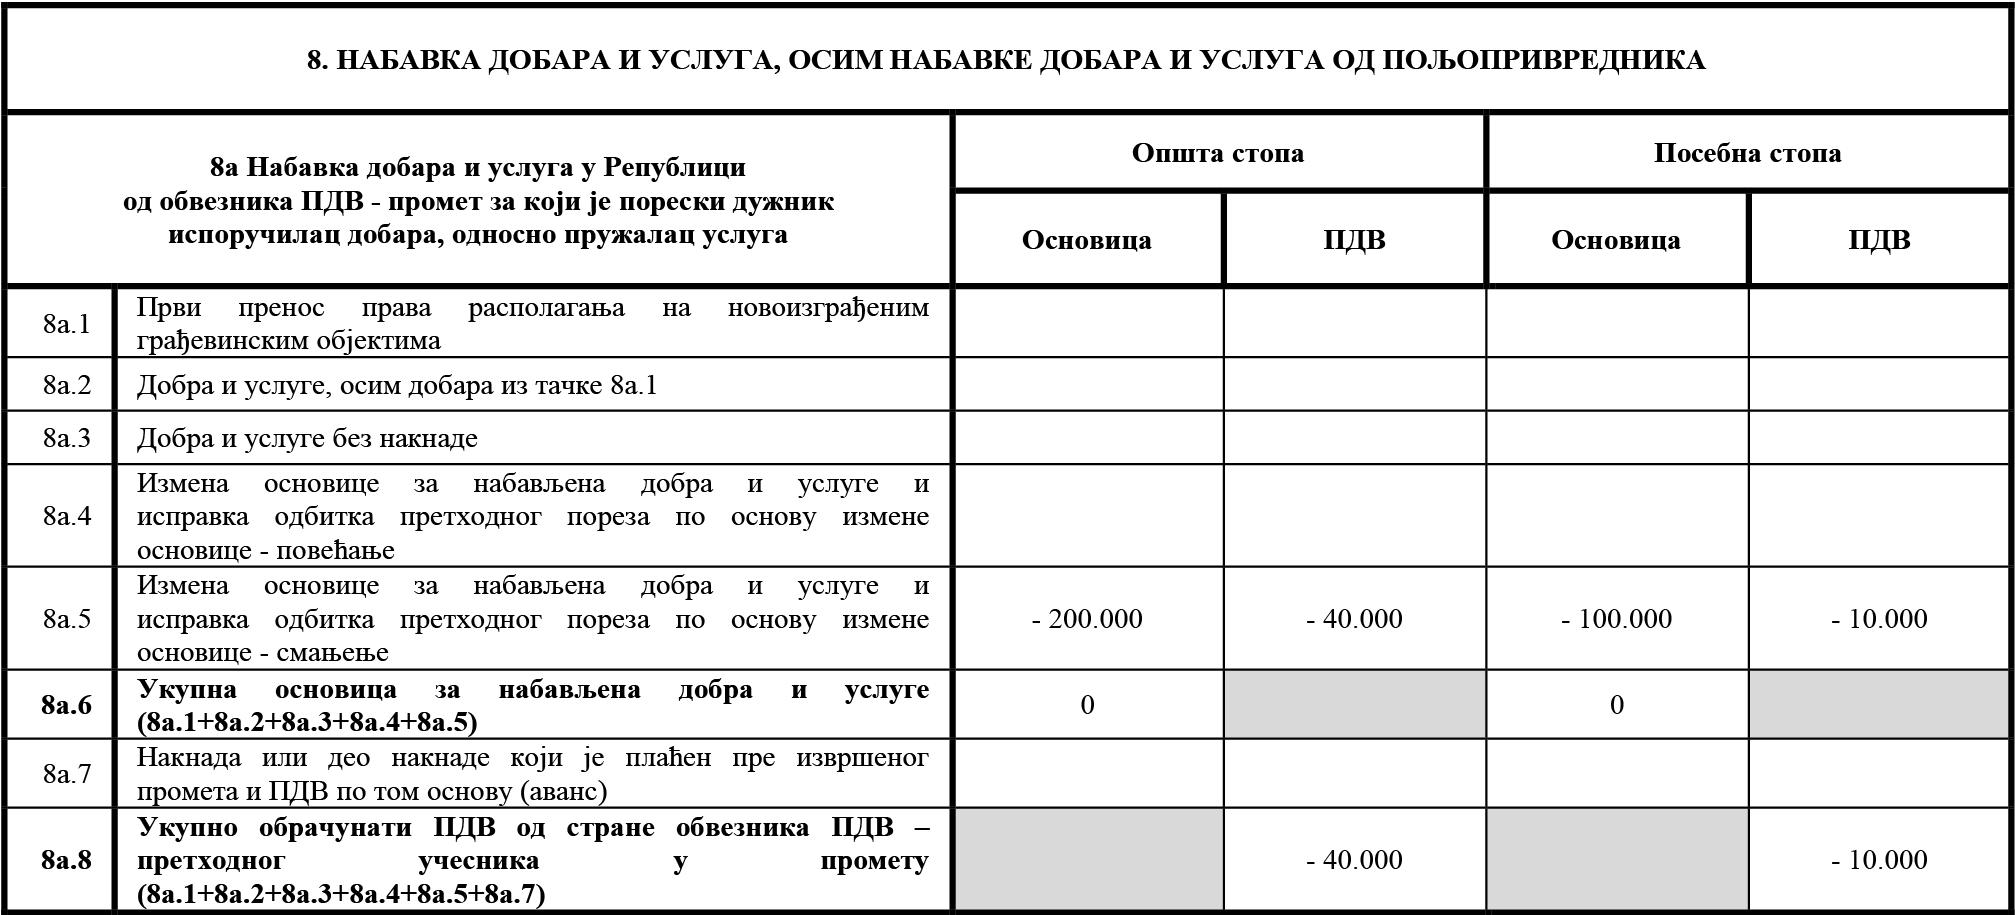 uputstvo PU obrazac POPDV primer 91 - 2